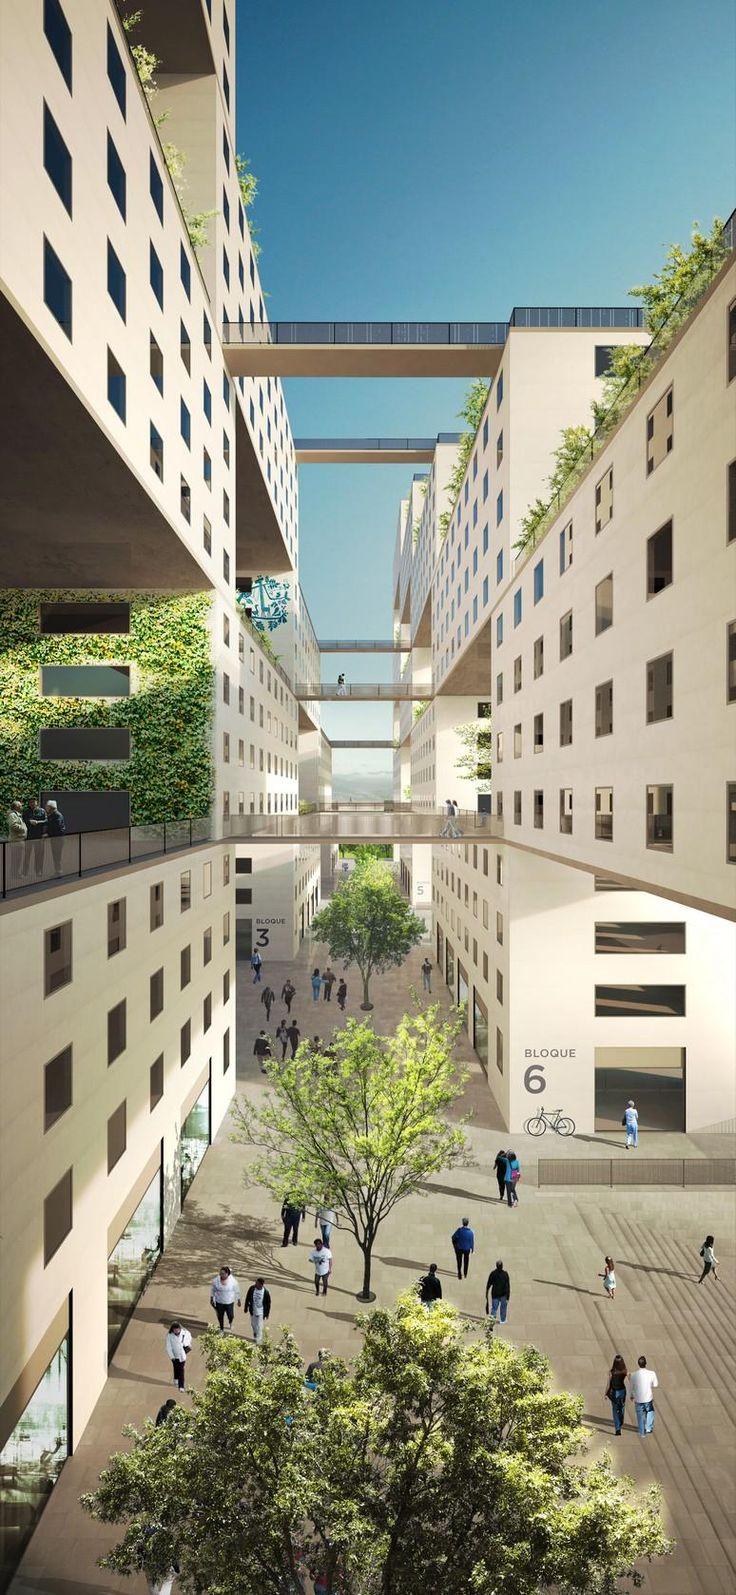 Taller 301 - Project - Plaza de la Hoja - Image-7  Habitação Social de alta qualidade o projeto se esforça para criar um edifício com uma forte identidade comunitária representada pelos espaços vazios para a vida coletiva em diferentes alturas.